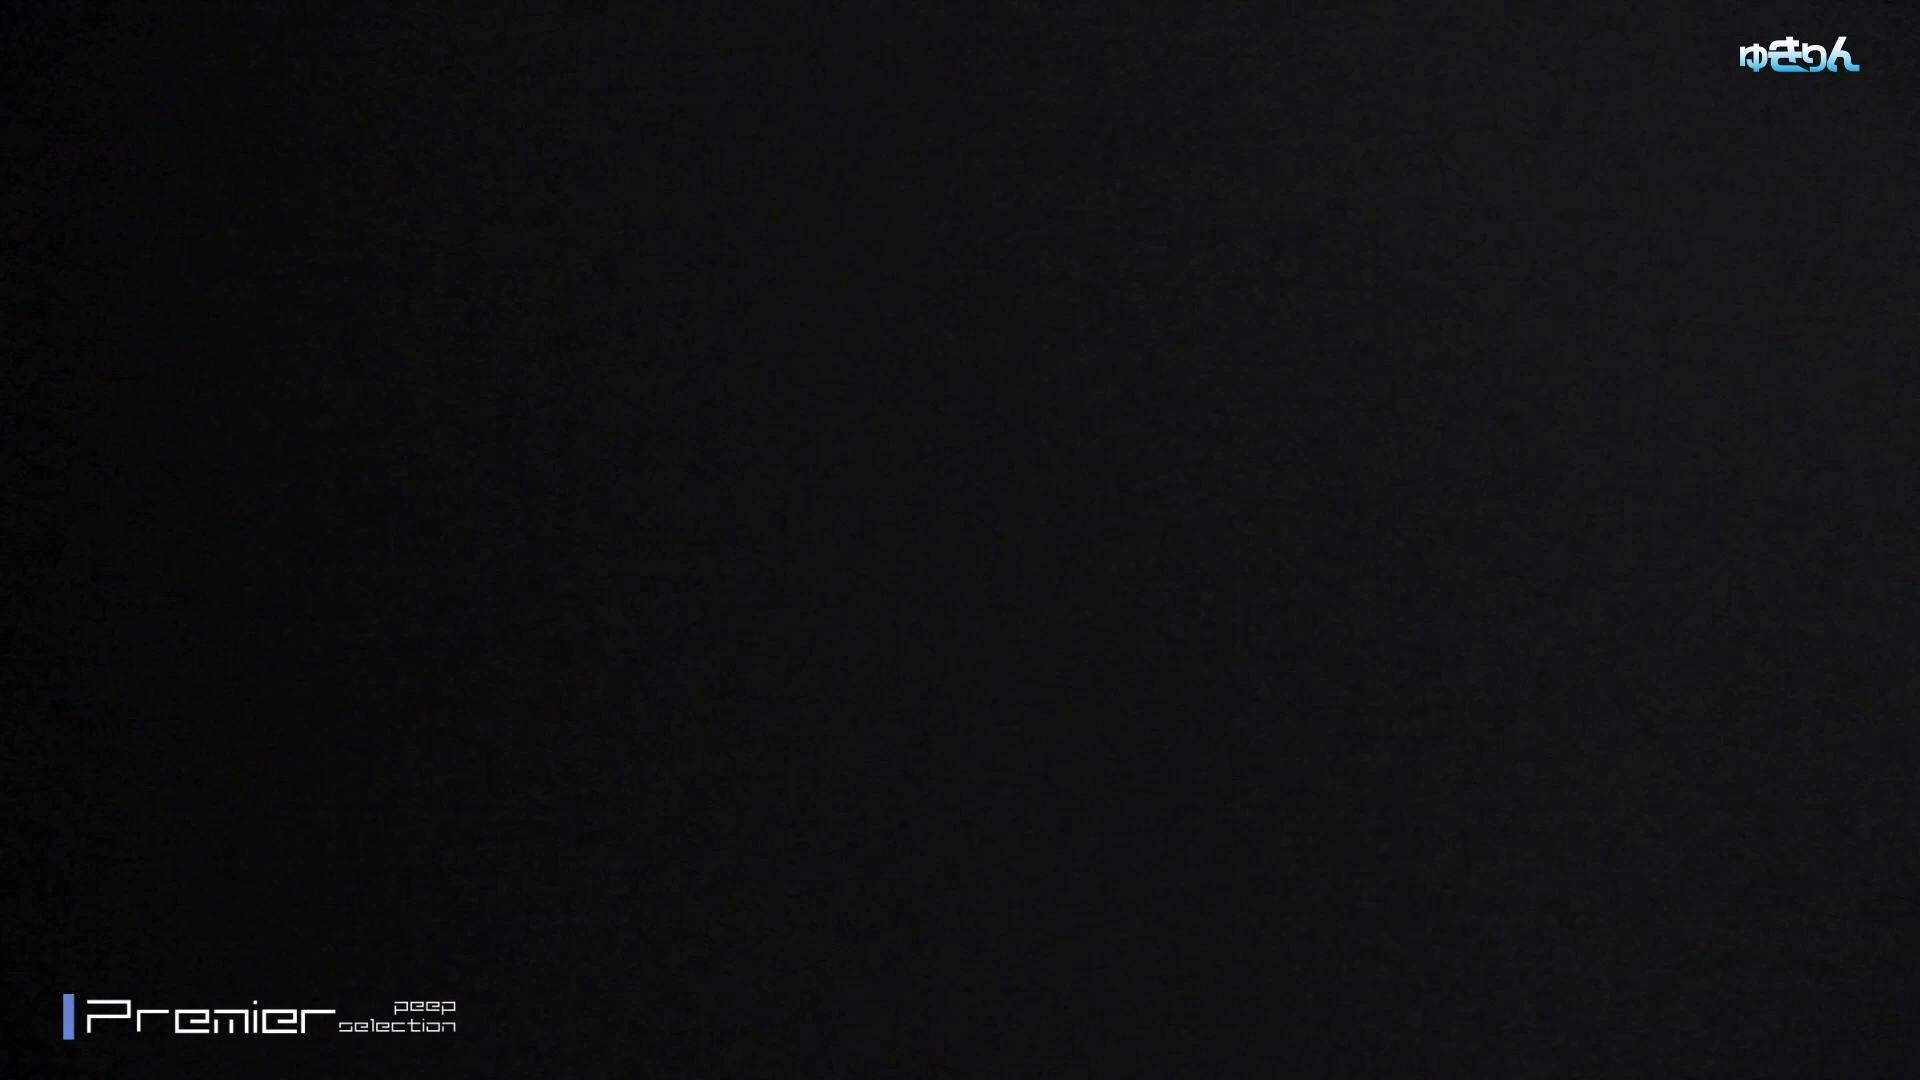 盗撮おまんこ|ステーション編 vol61 レベルアップ!!画質アップ、再発進|怪盗ジョーカー